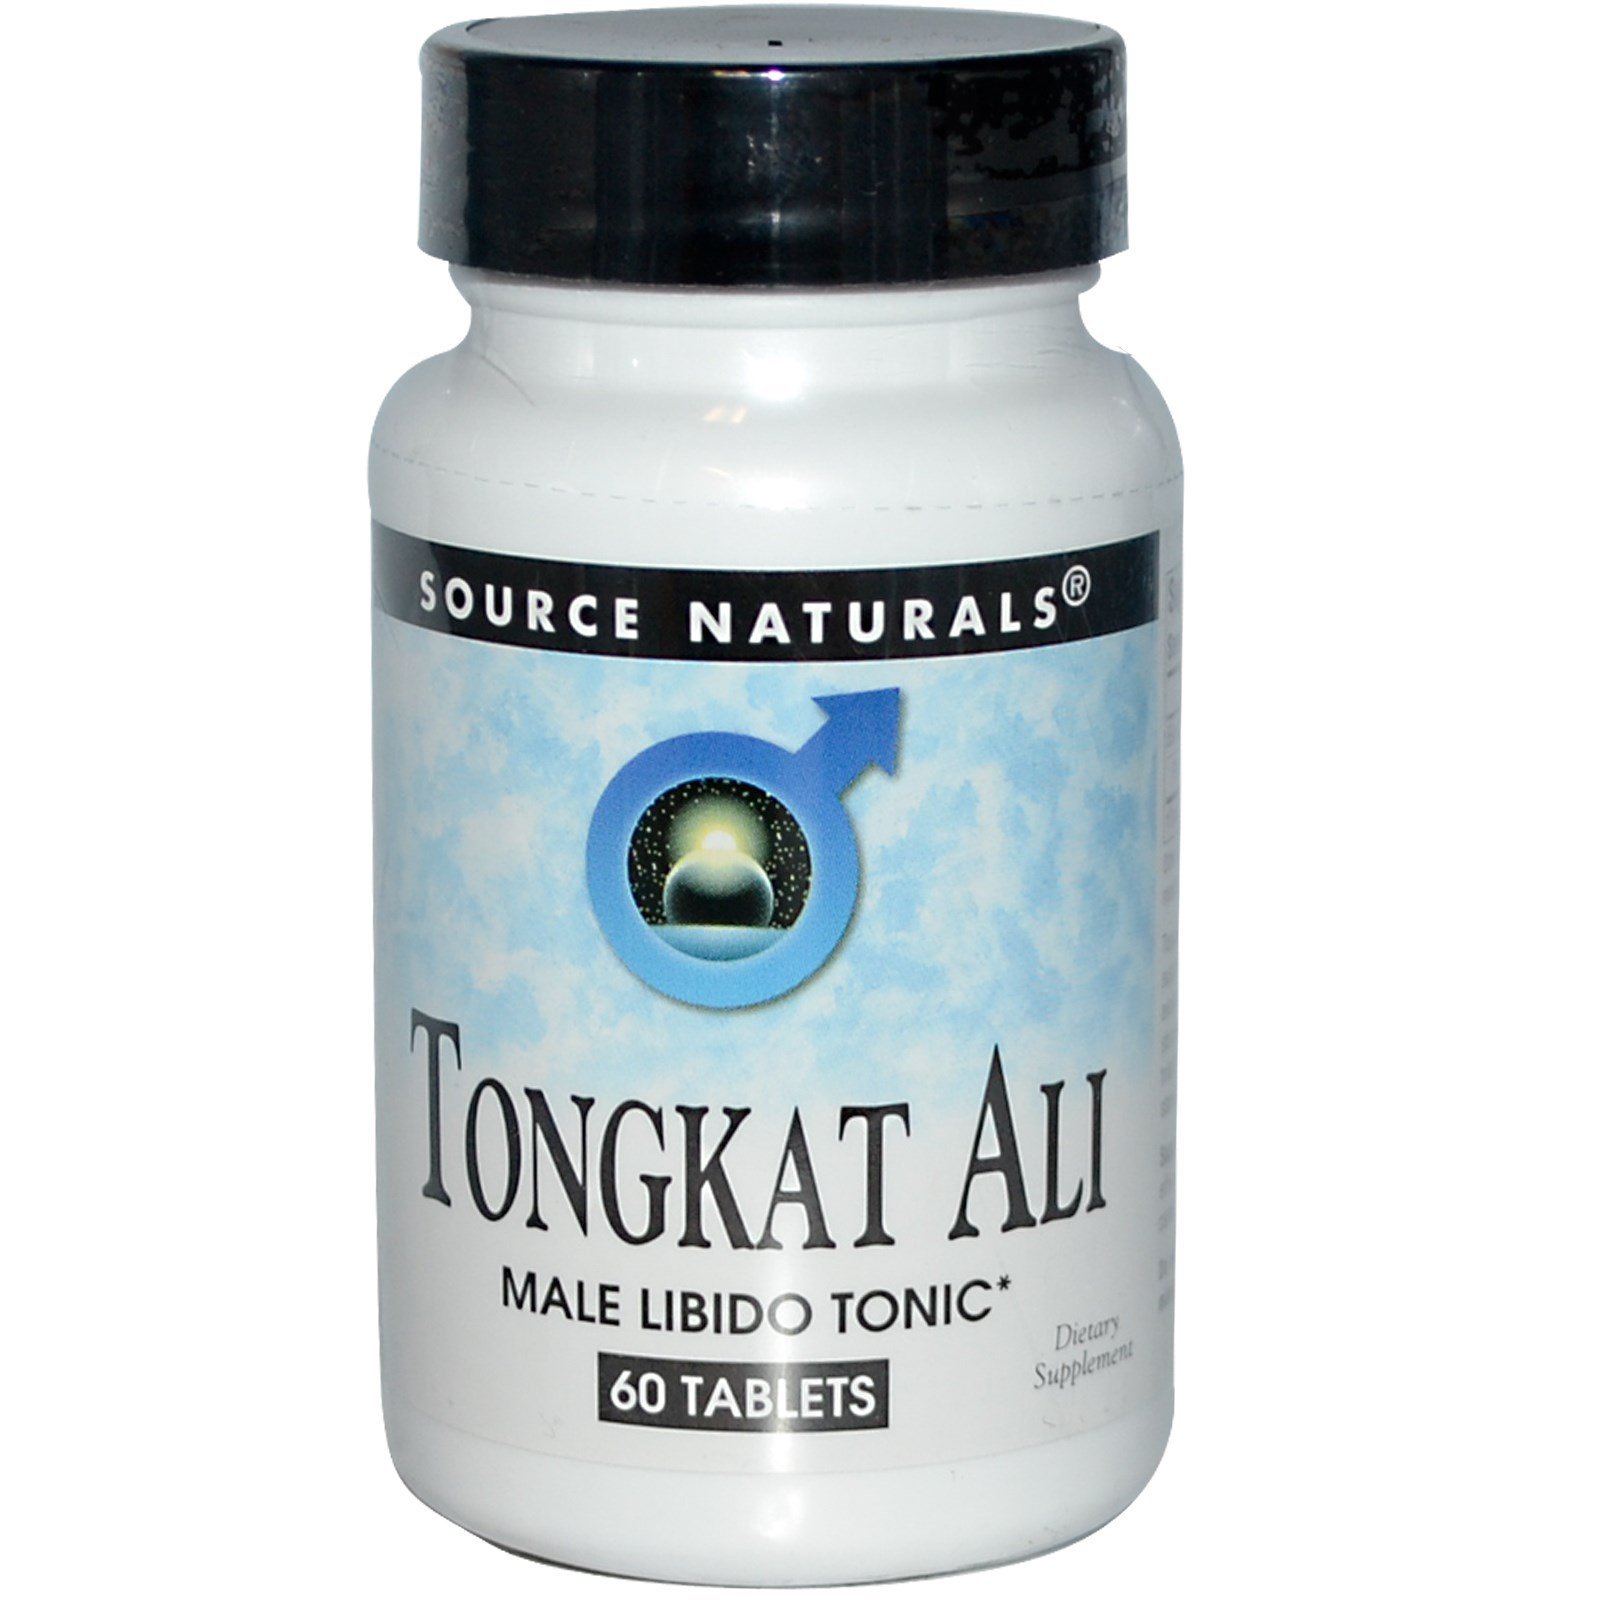 Source Naturals, Tongkat Ali, 60 Tablets - 3PC